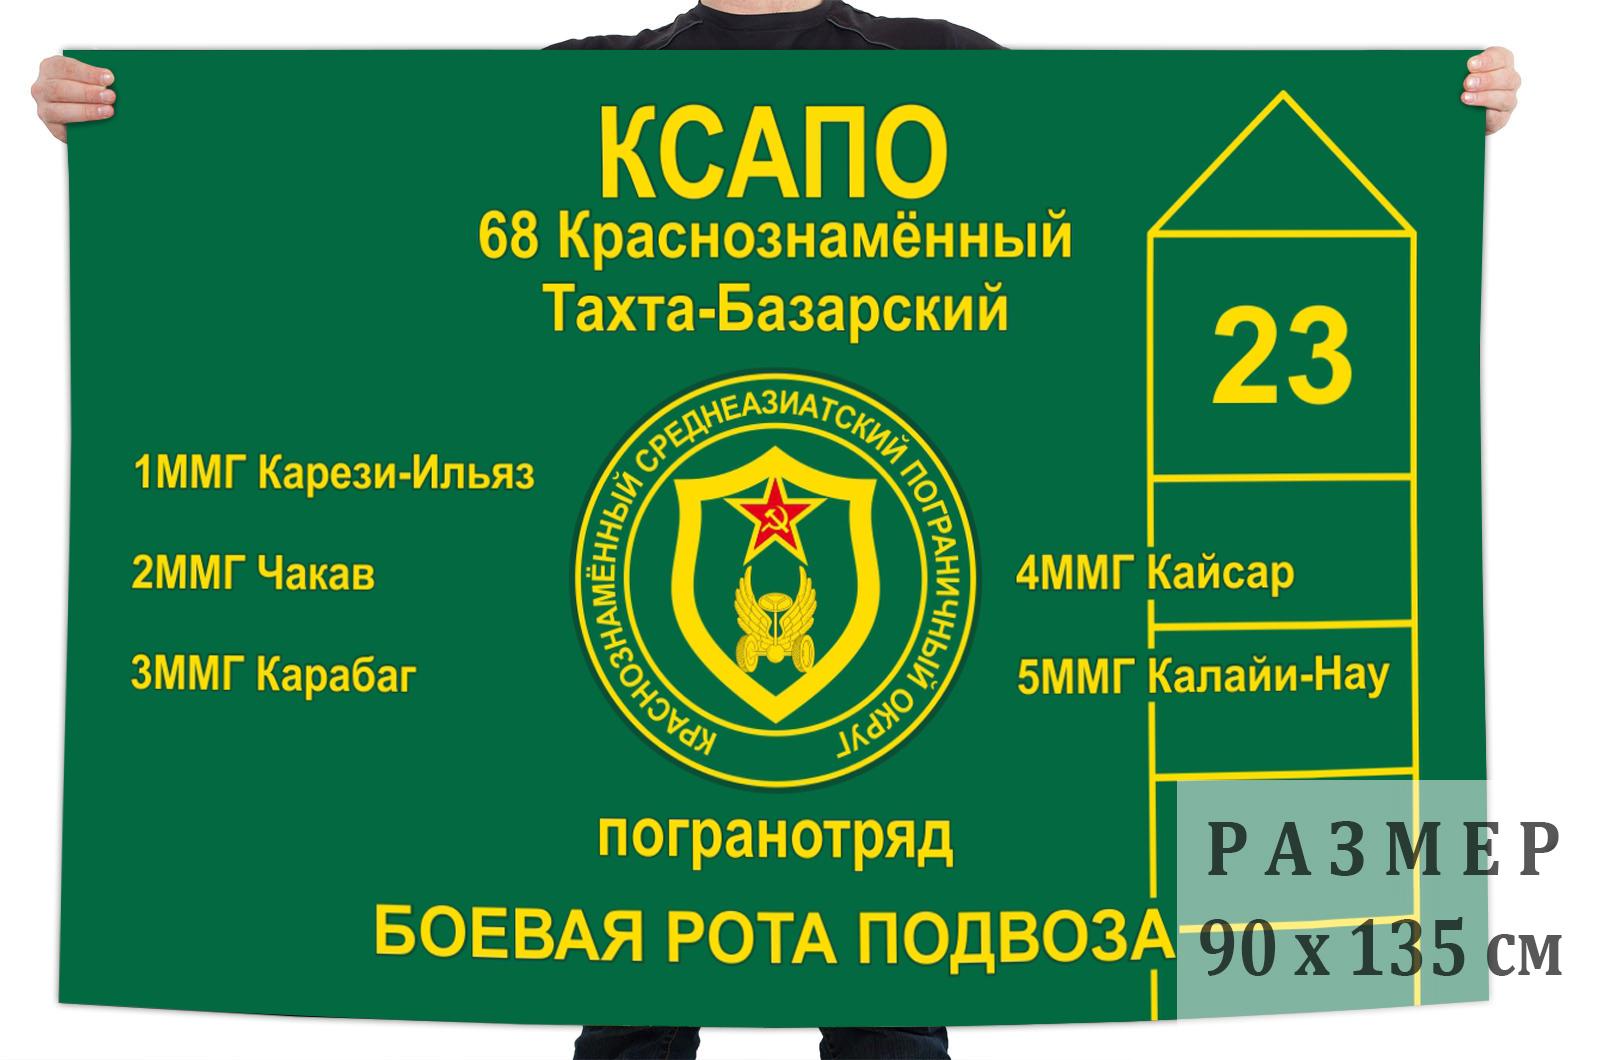 Купить в Москве флаг «68 Тахта-Базарский пограничный отряд»